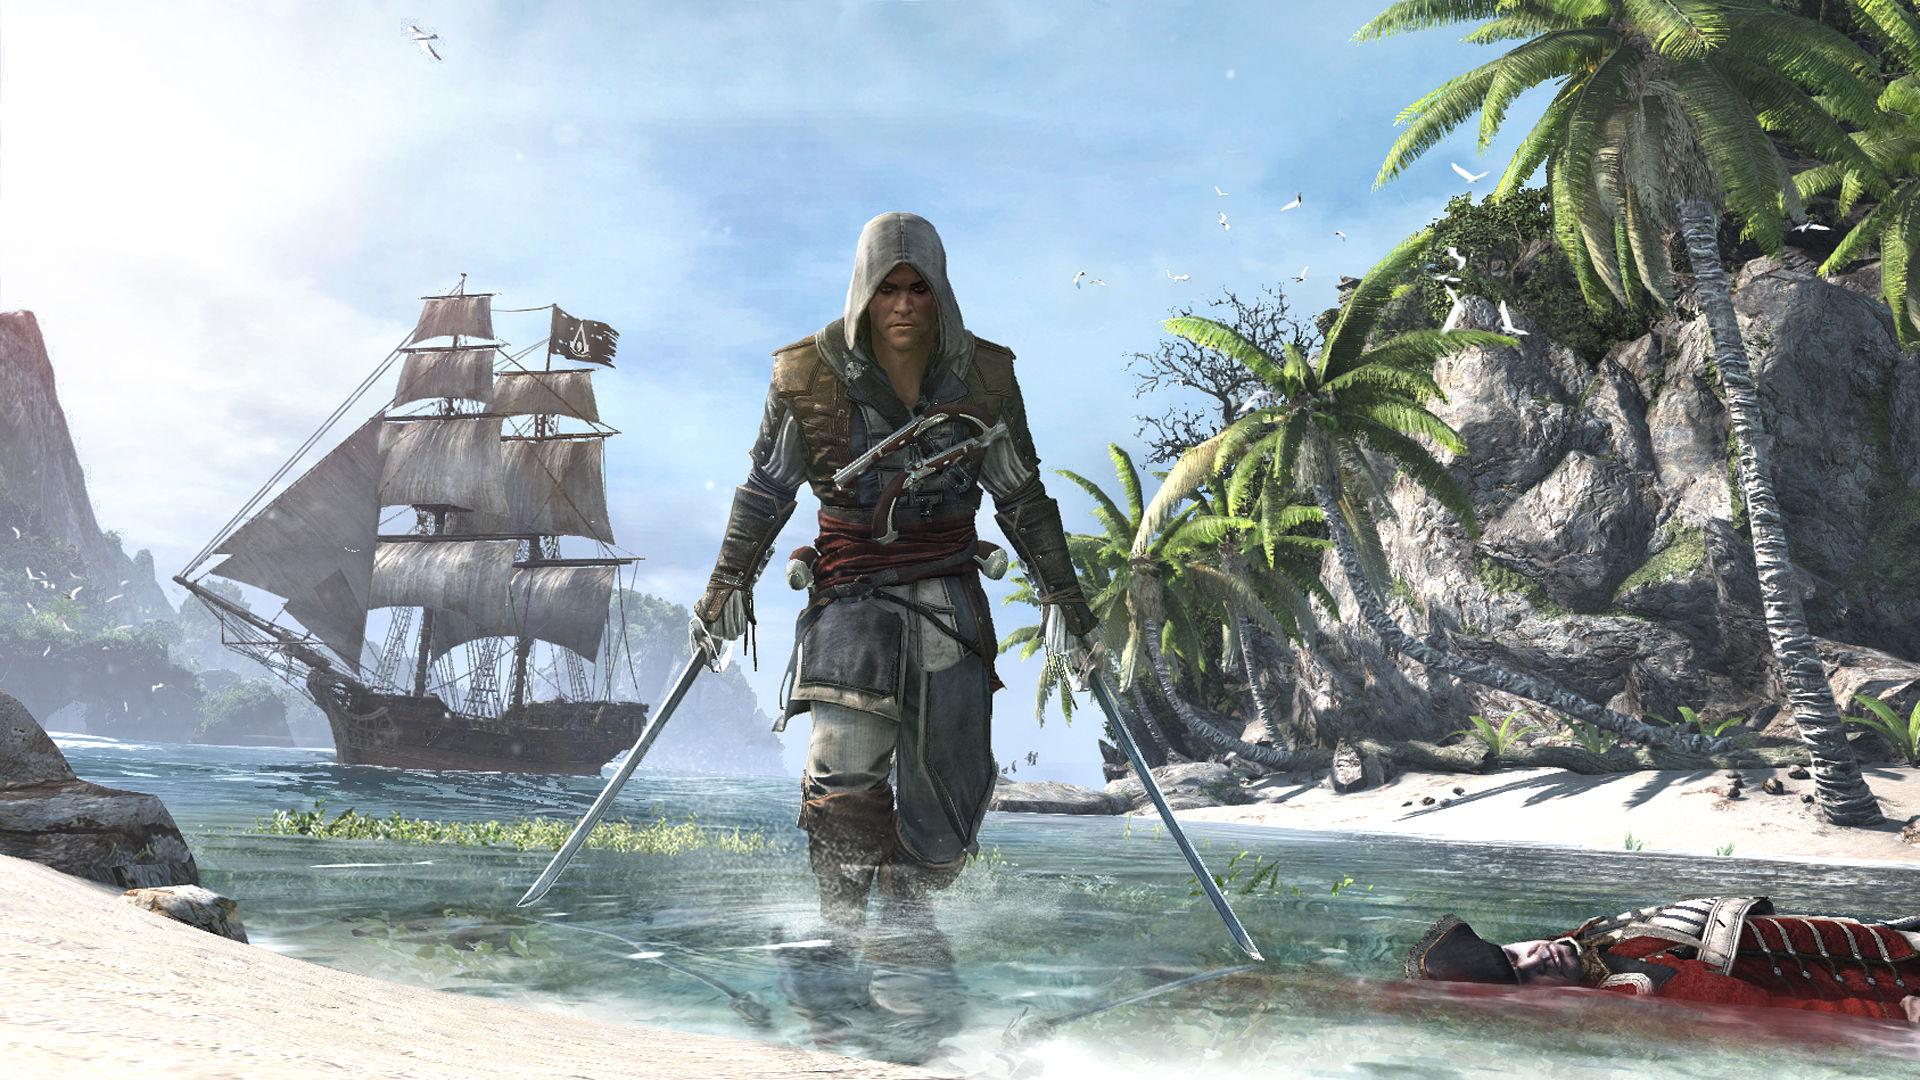 Se sueltan imágenes, vídeos y detalles de Assassin's Creed IV: Black Flag [Anuncios]